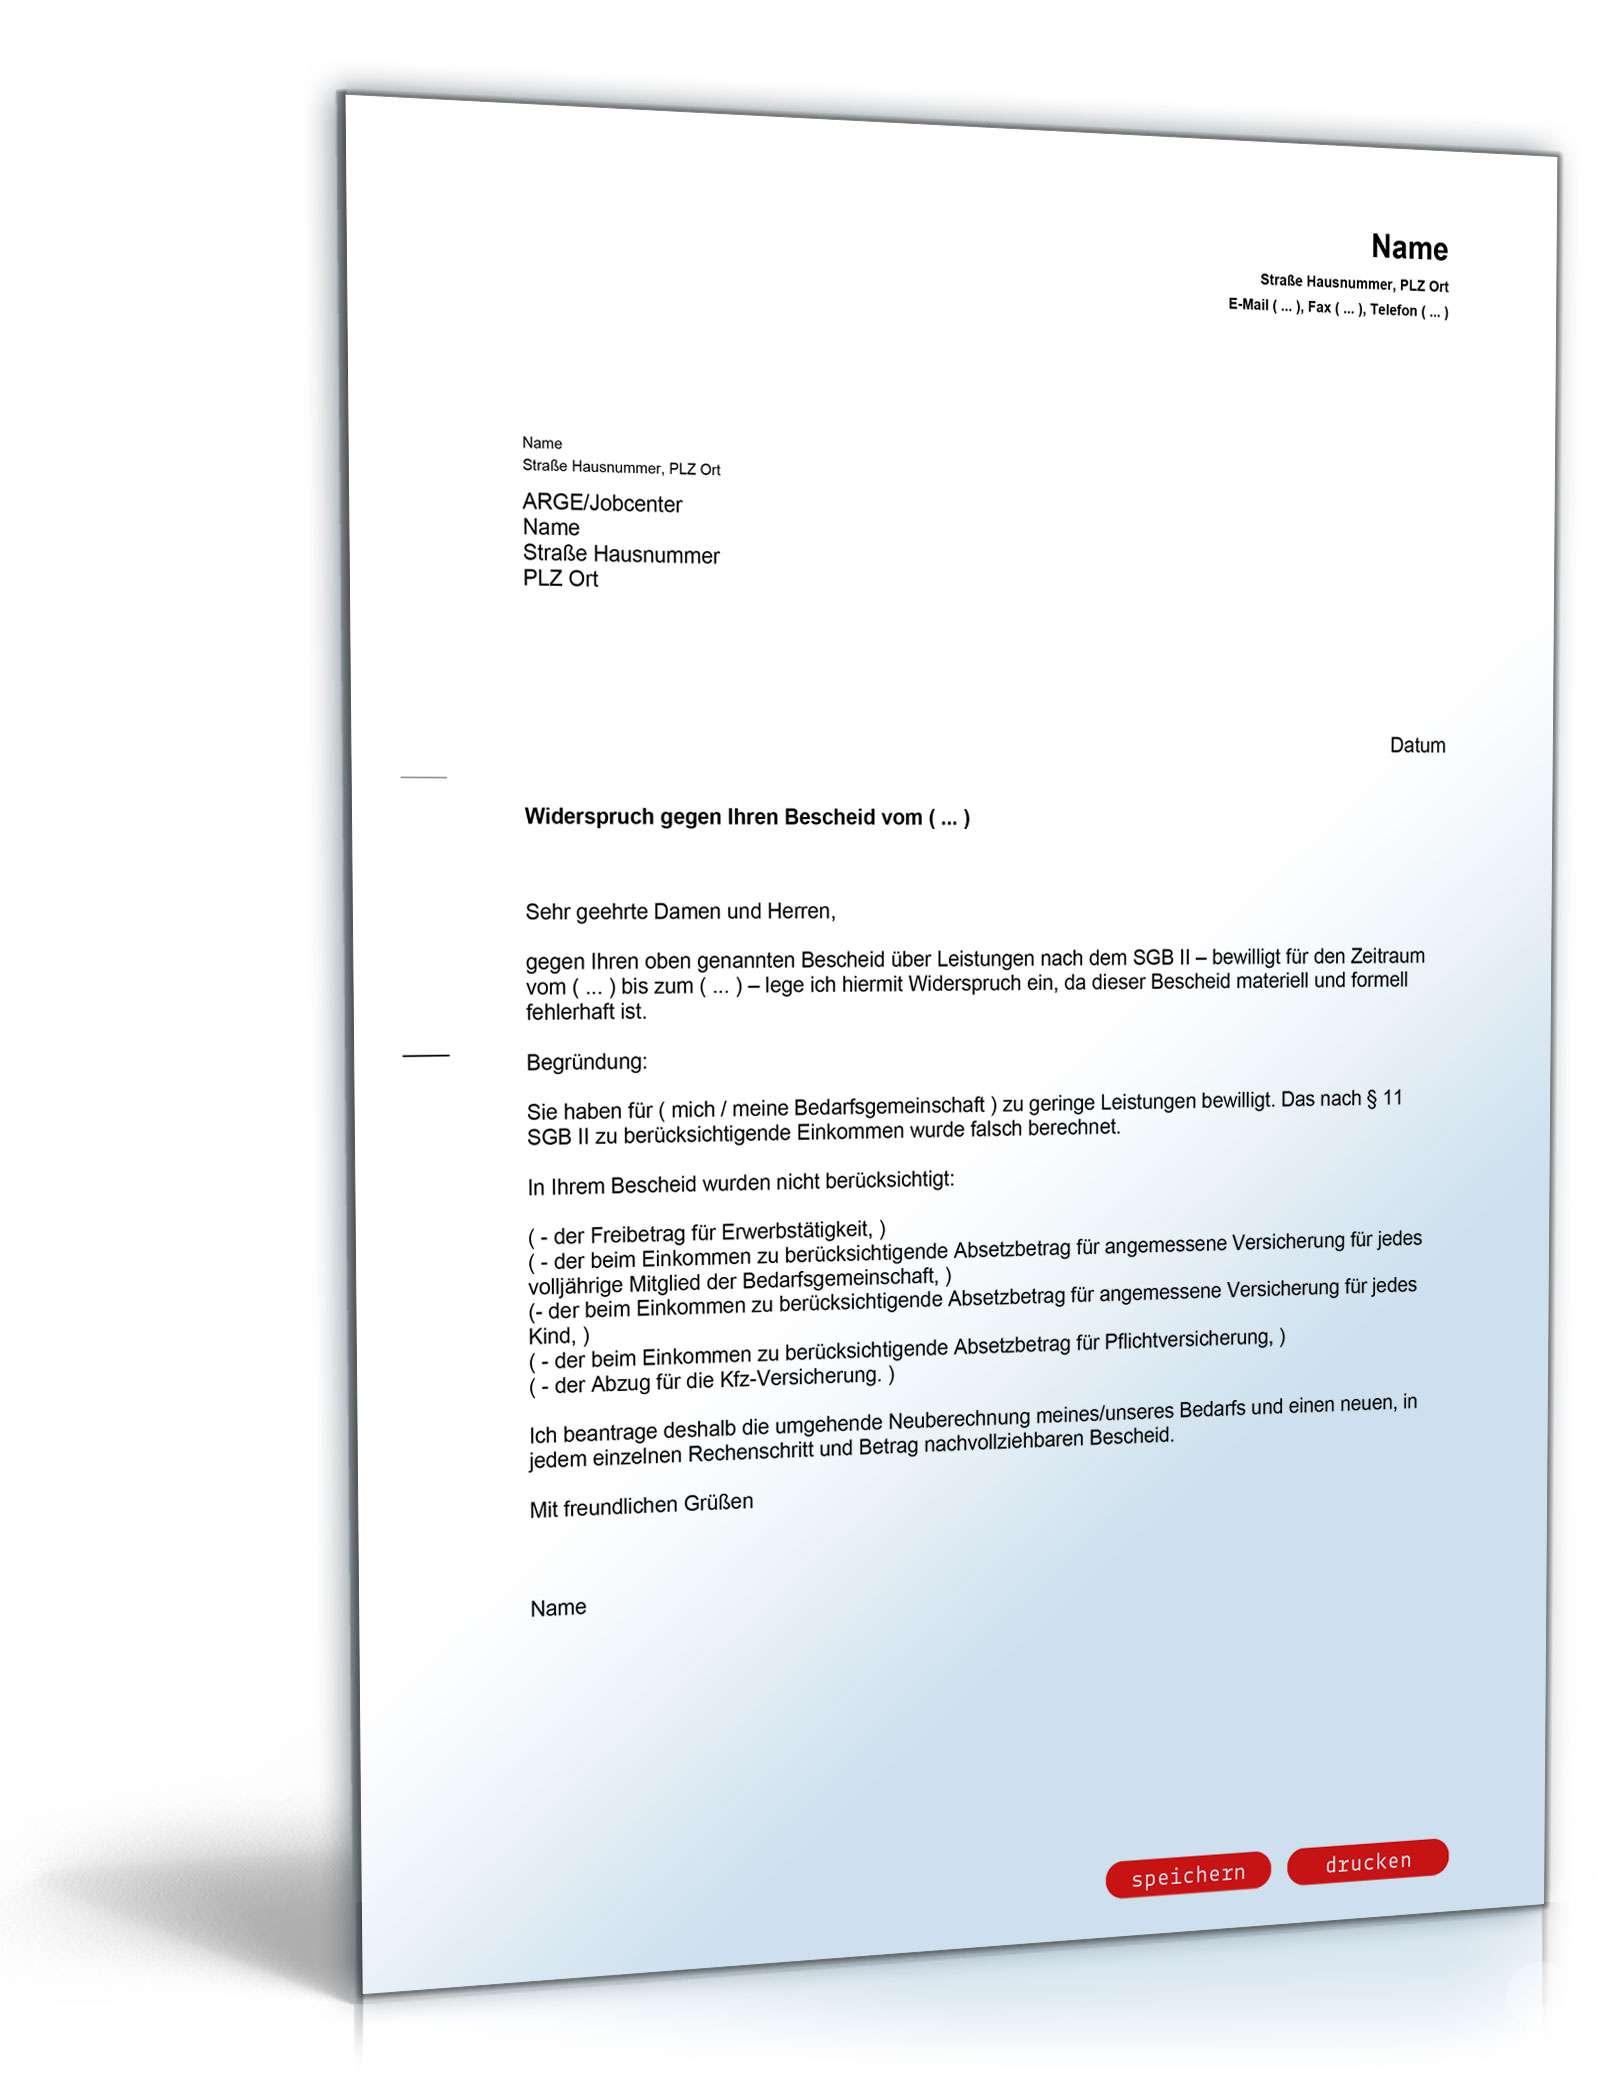 Schön Einkommen Blatt Vorlage Galerie - Entry Level Resume Vorlagen ...